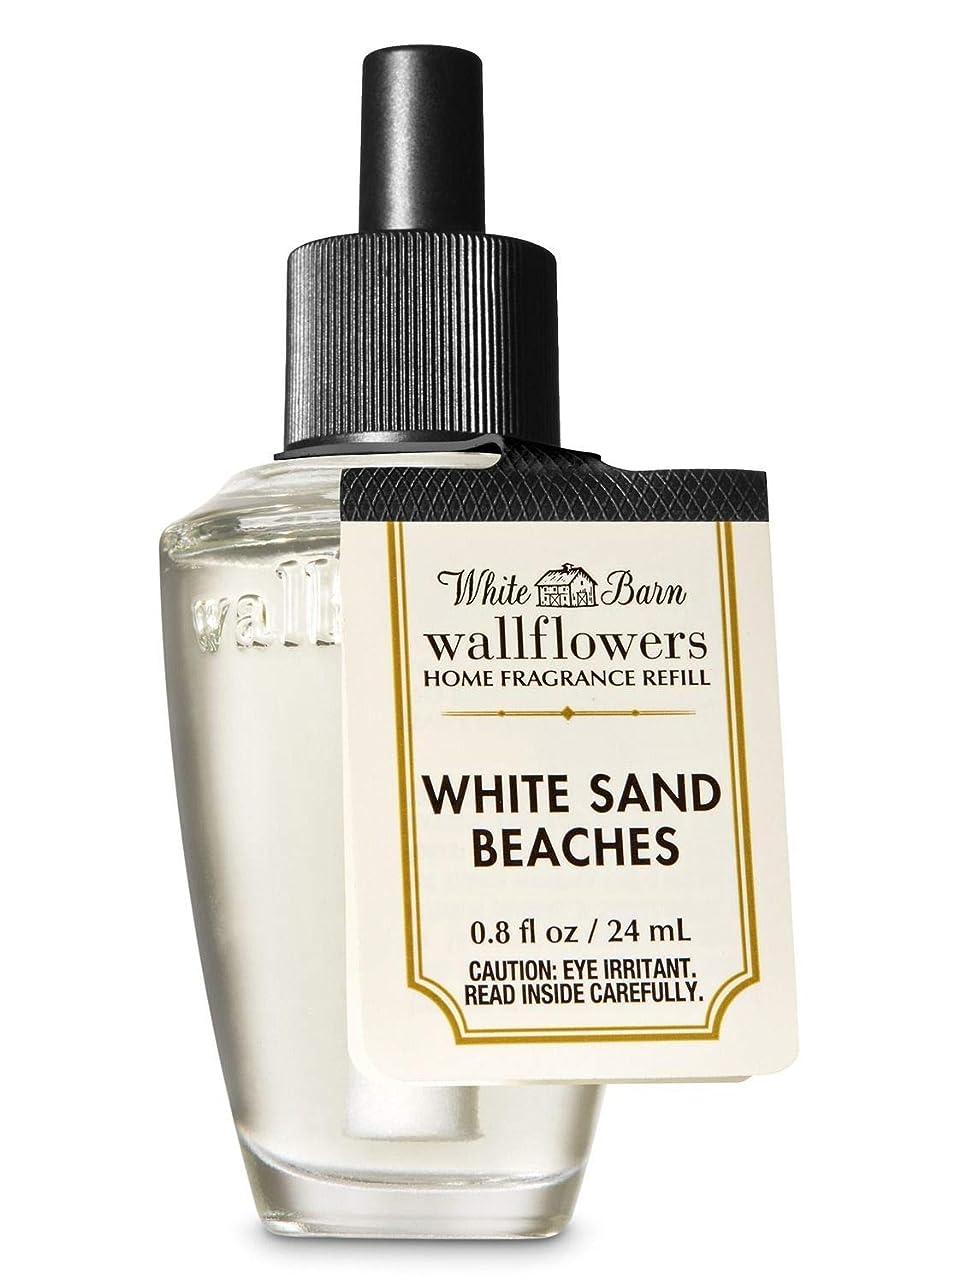 反抗ピストン擬人【Bath&Body Works/バス&ボディワークス】 ルームフレグランス 詰替えリフィル ホワイトサンドビーチ Wallflowers Home Fragrance Refill White Sand Beaches [並行輸入品]